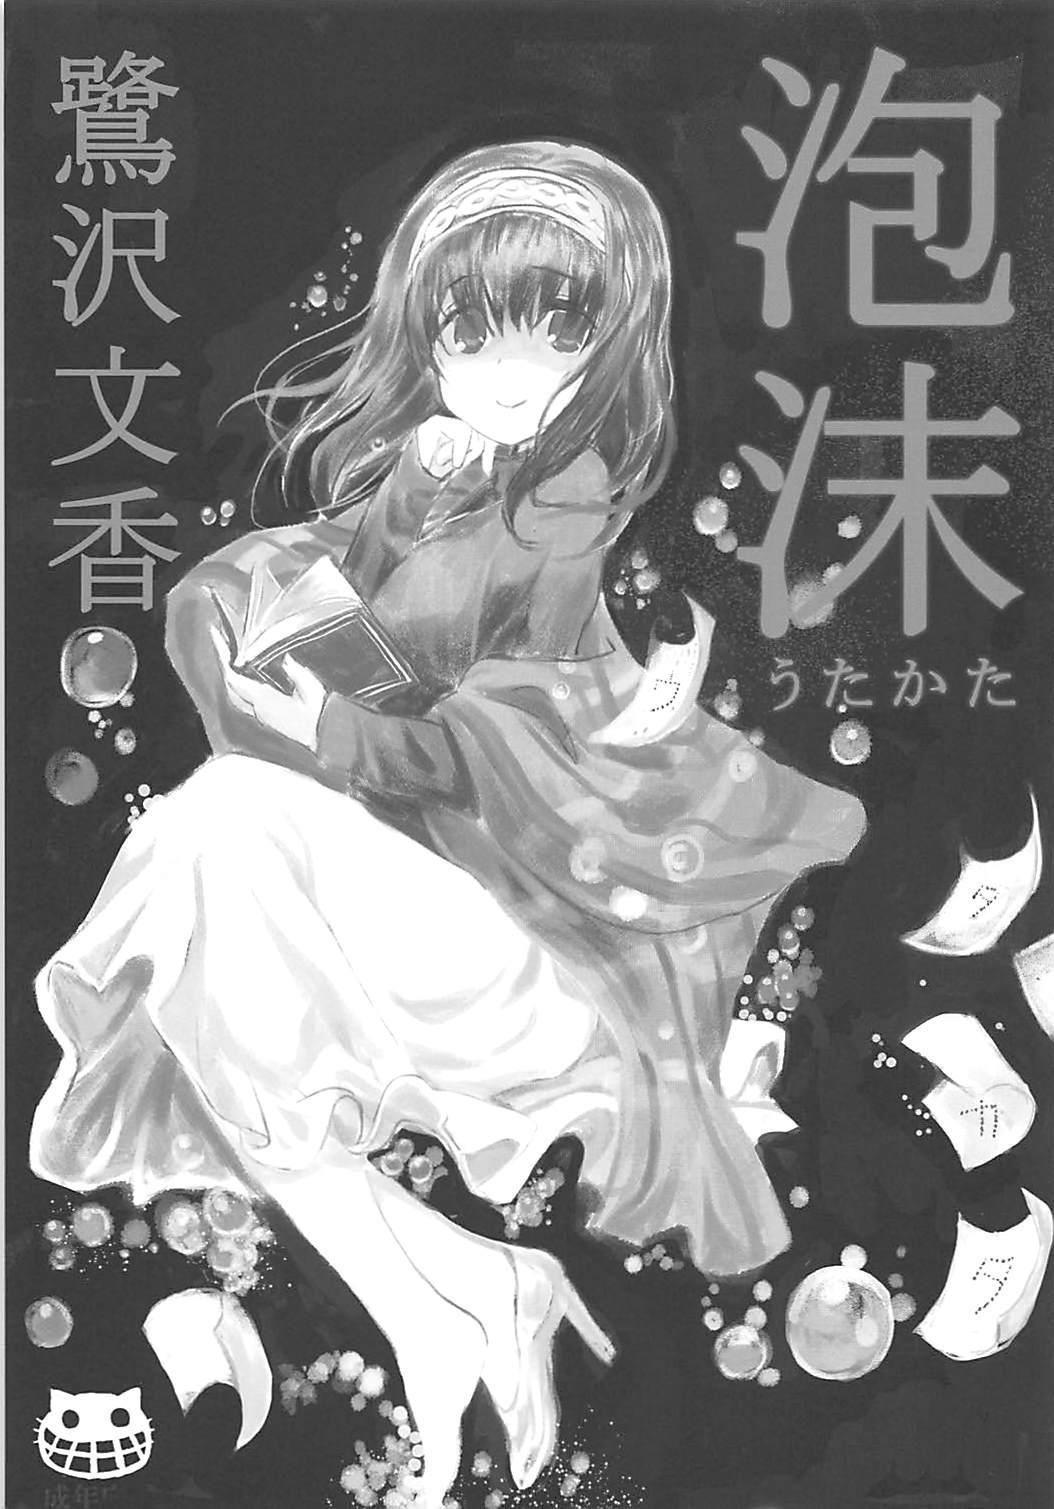 Utakata Sagisawa Fumika 2